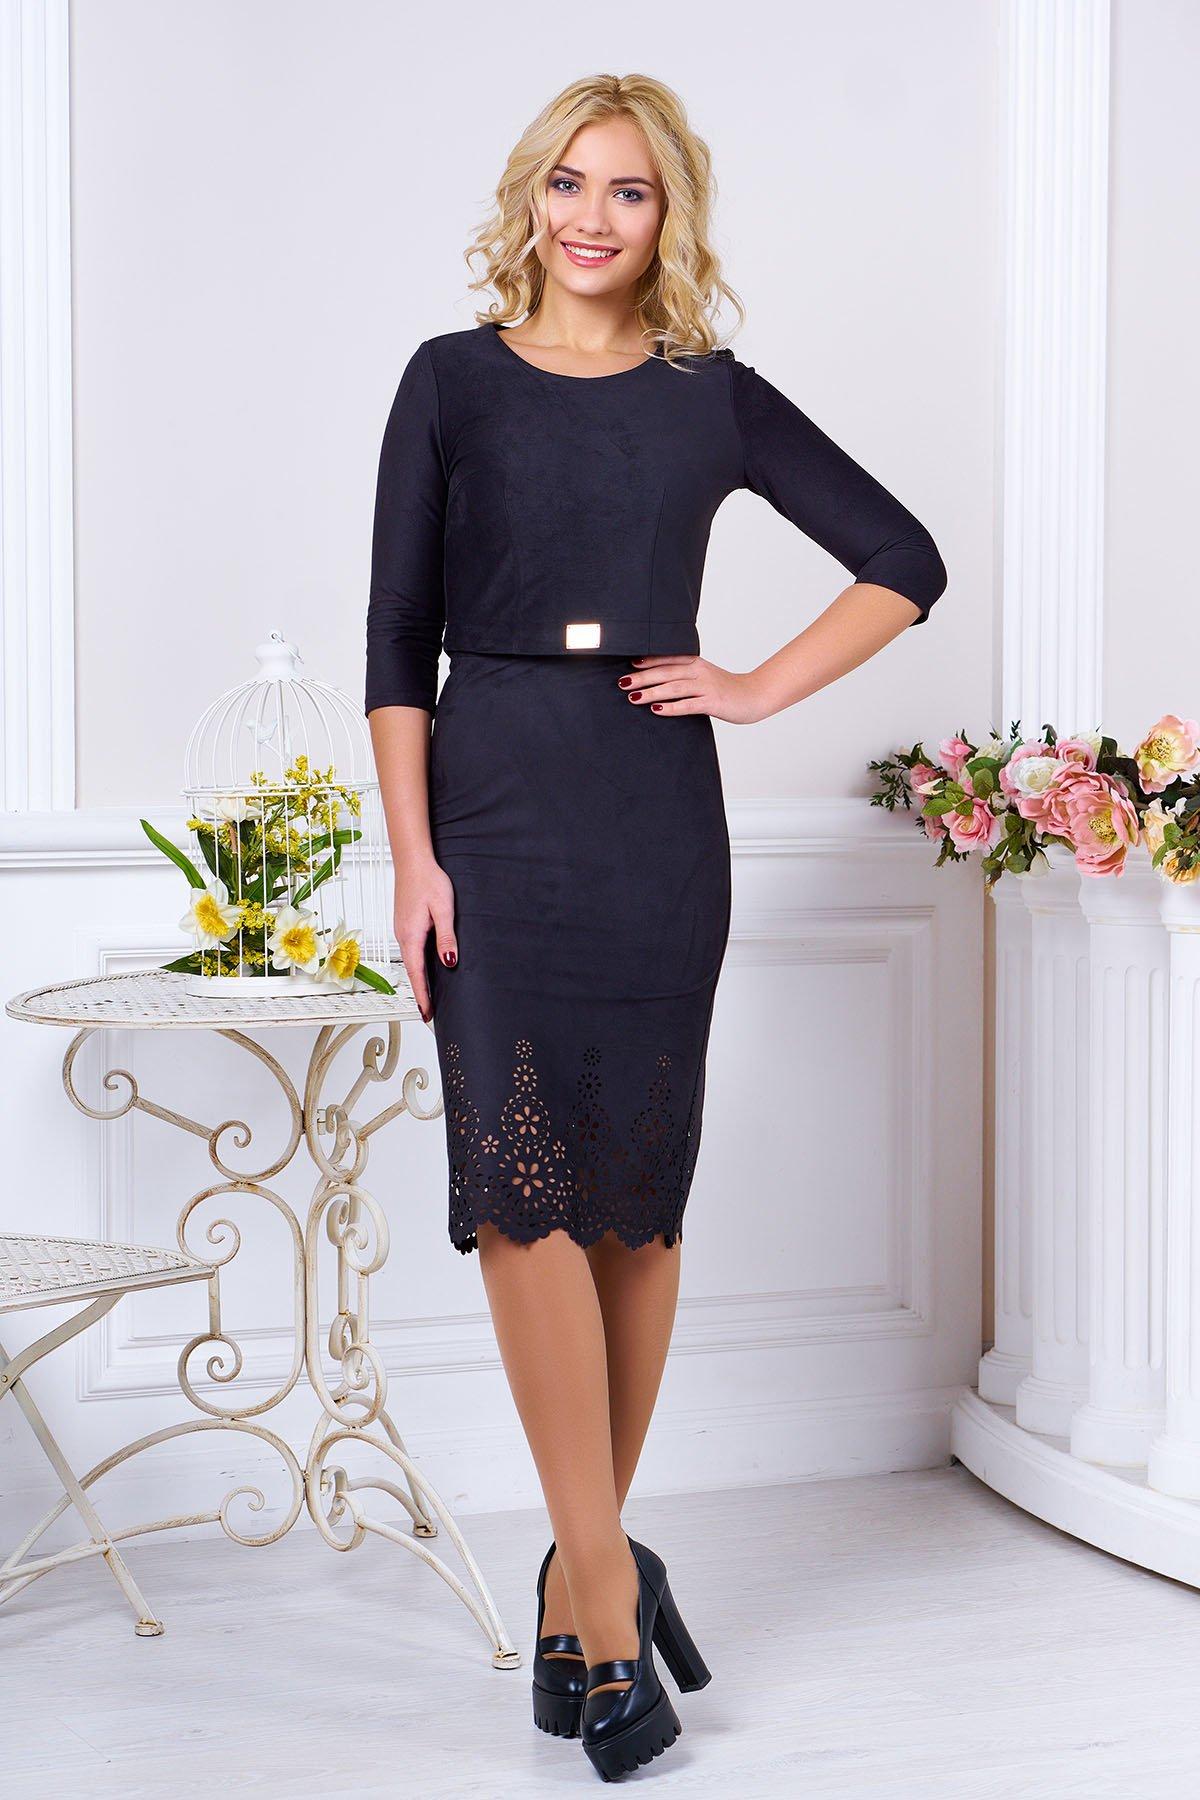 Модний жіночий чорний костюм з штучної замші Астрід - купити ... 5910ea0da52f1